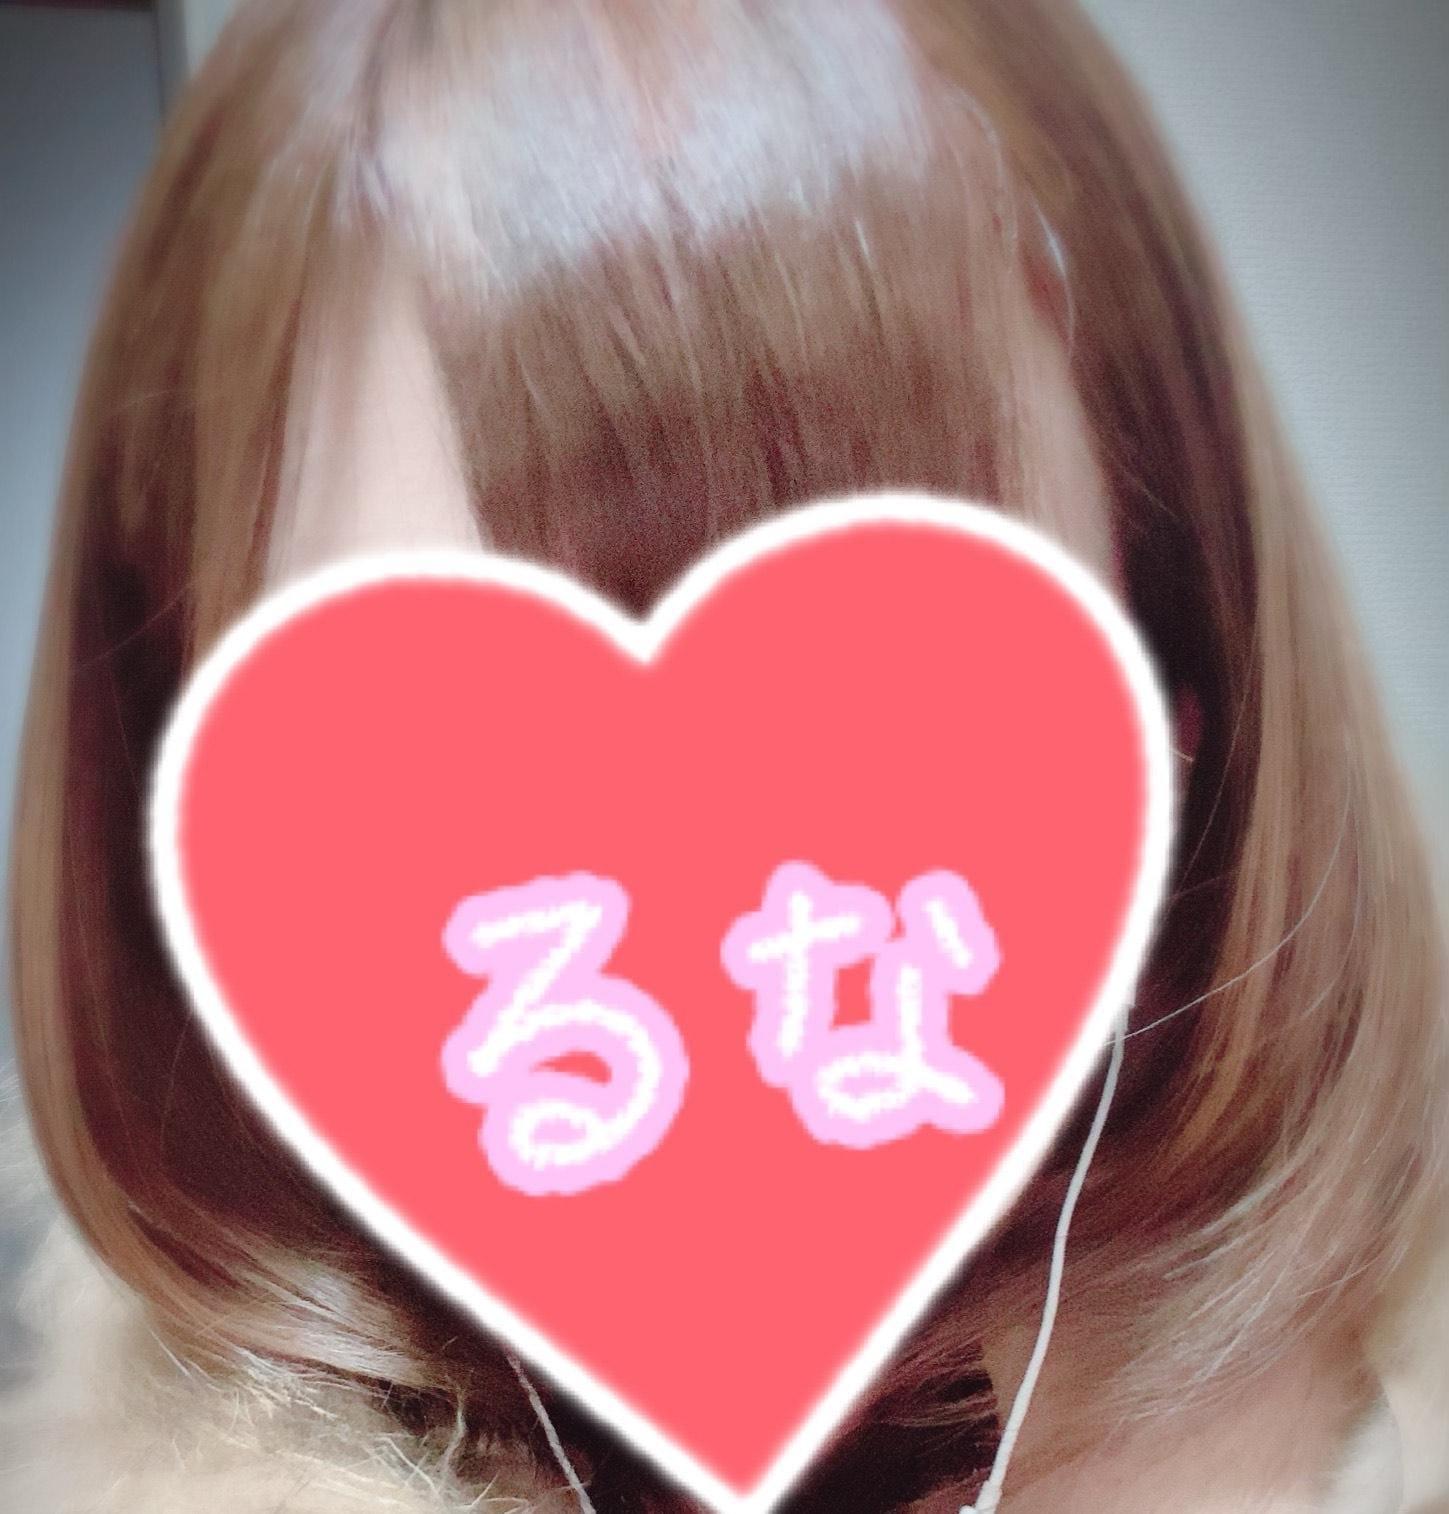 「久しぶりに」03/17(03/17) 16:39 | るなの写メ・風俗動画